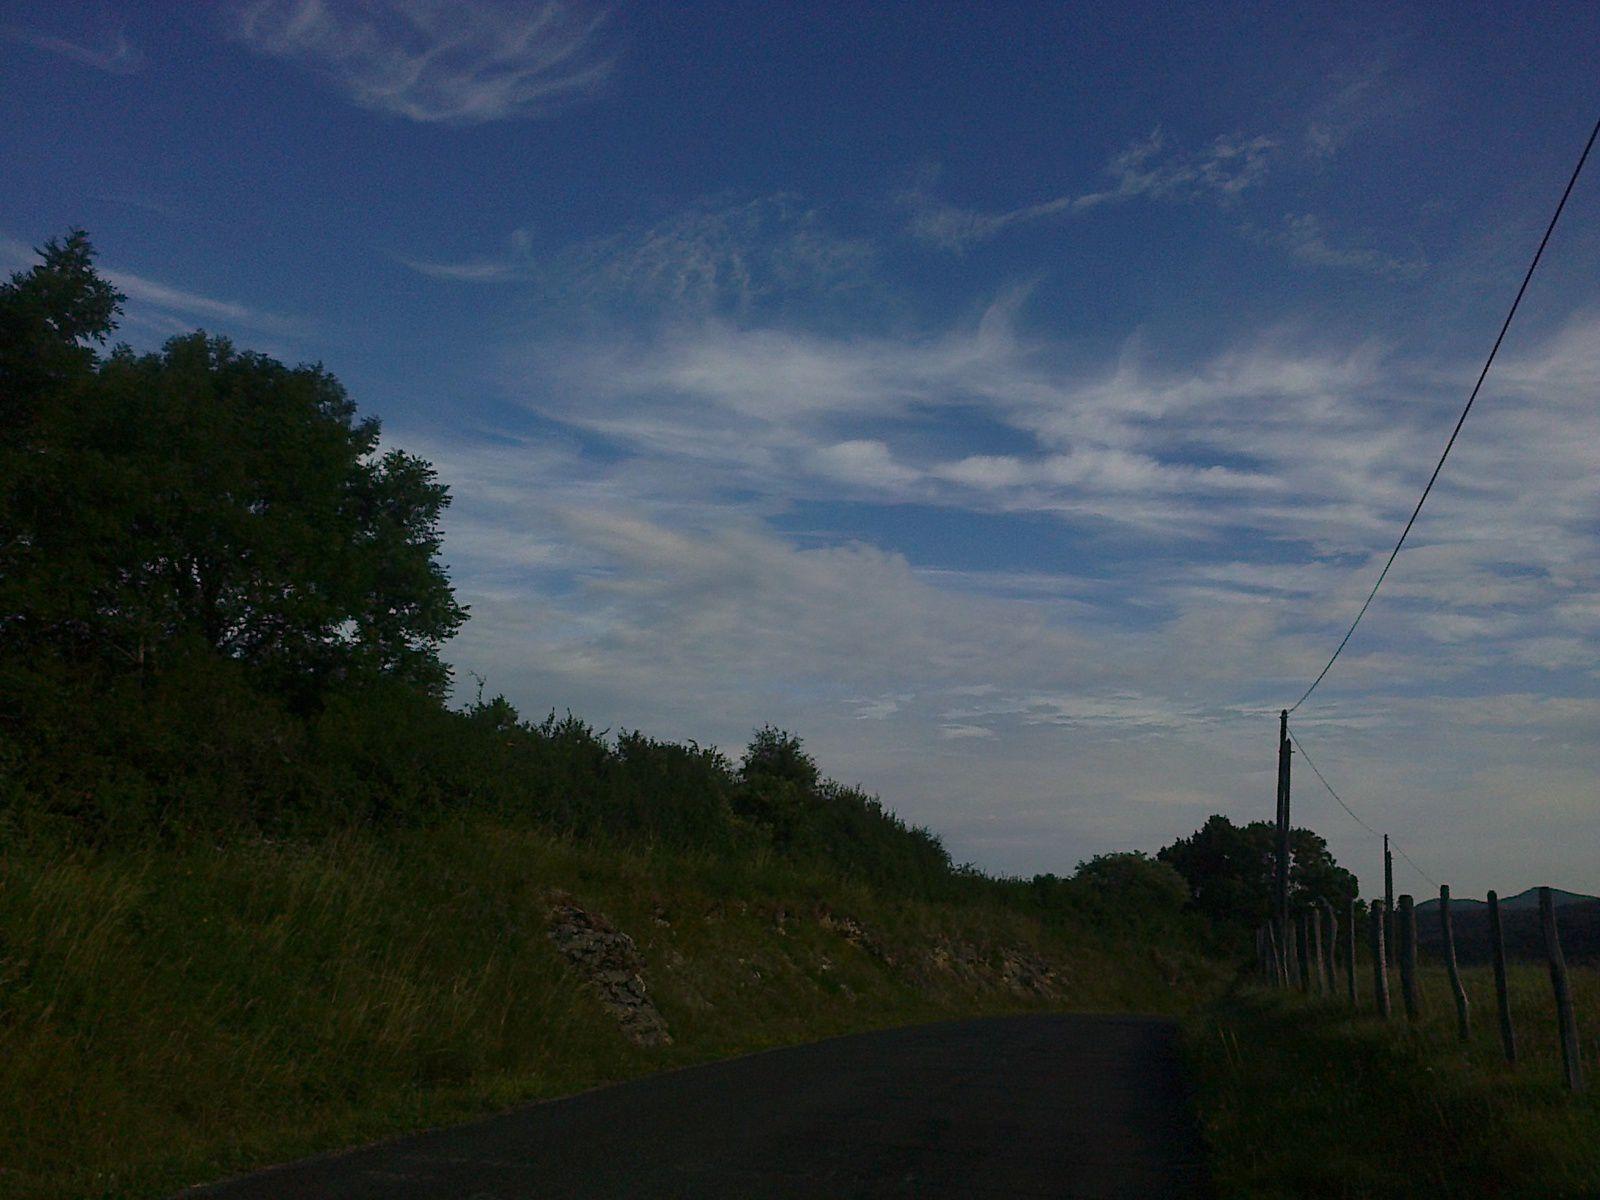 Coté sud c'est encore du soleil, coté nord les nuages arrivent déjà